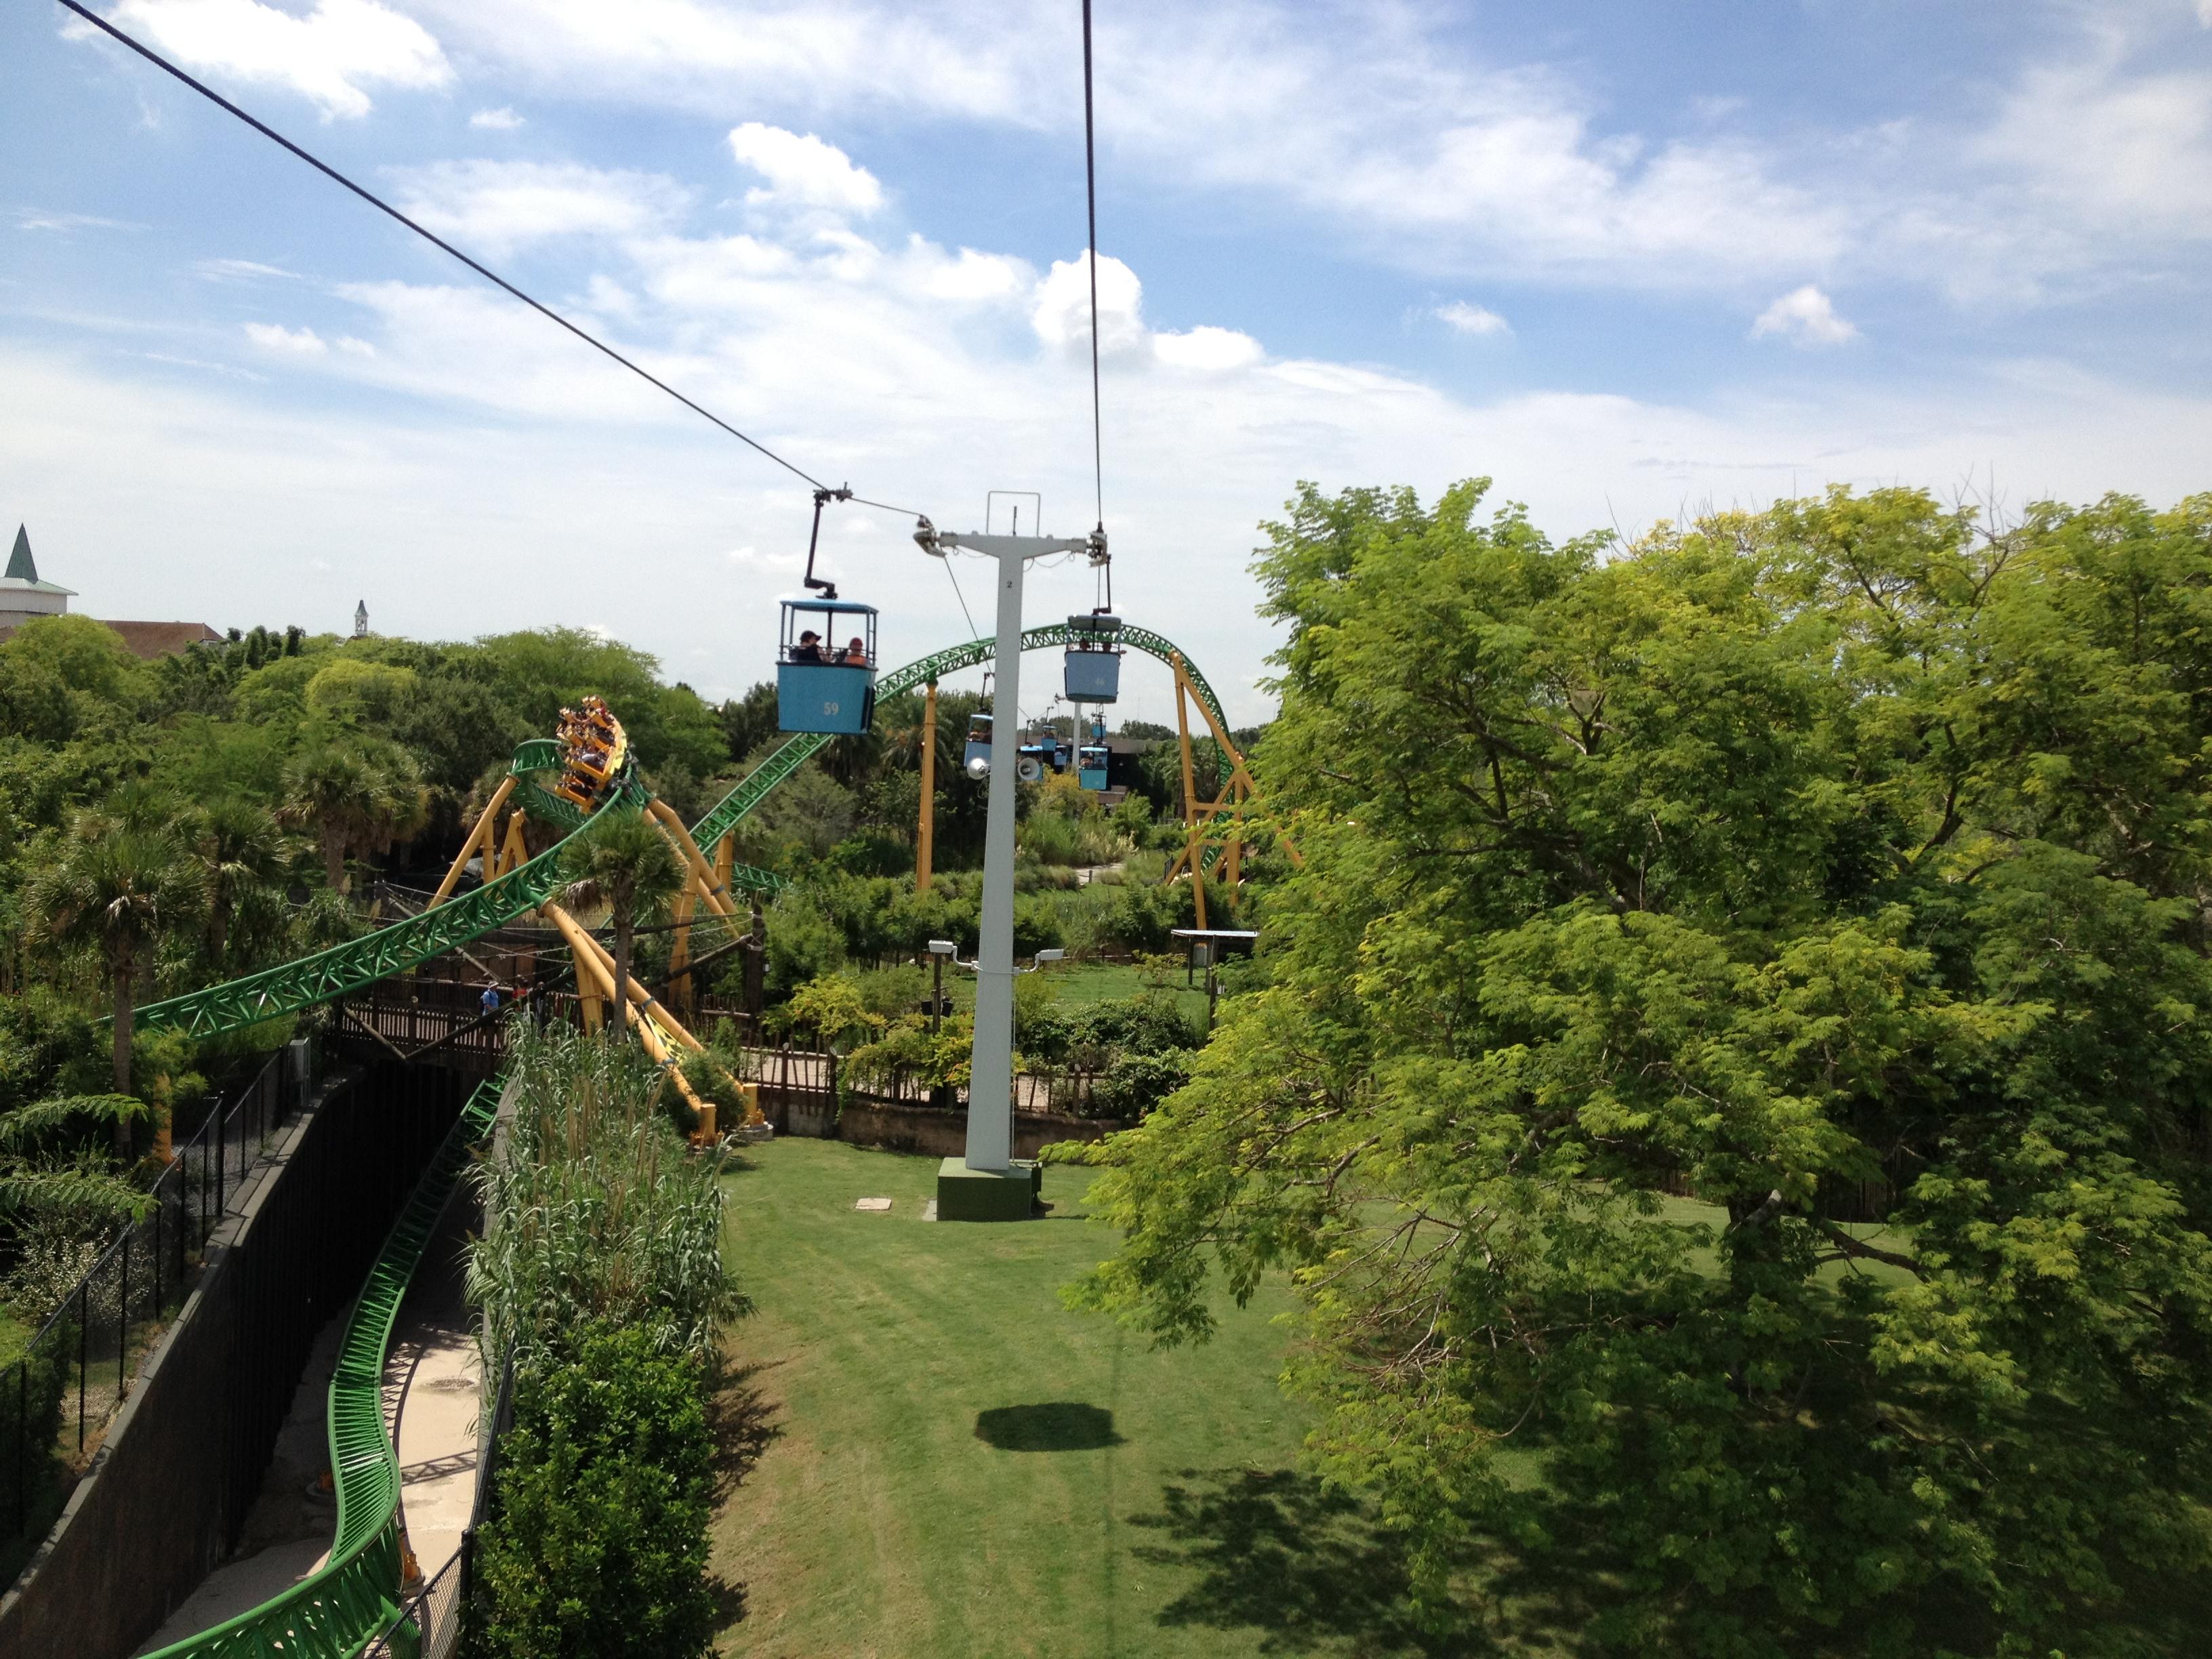 Video Of Wild New Coaster At Busch Gardens Tampa Florida Adventurer